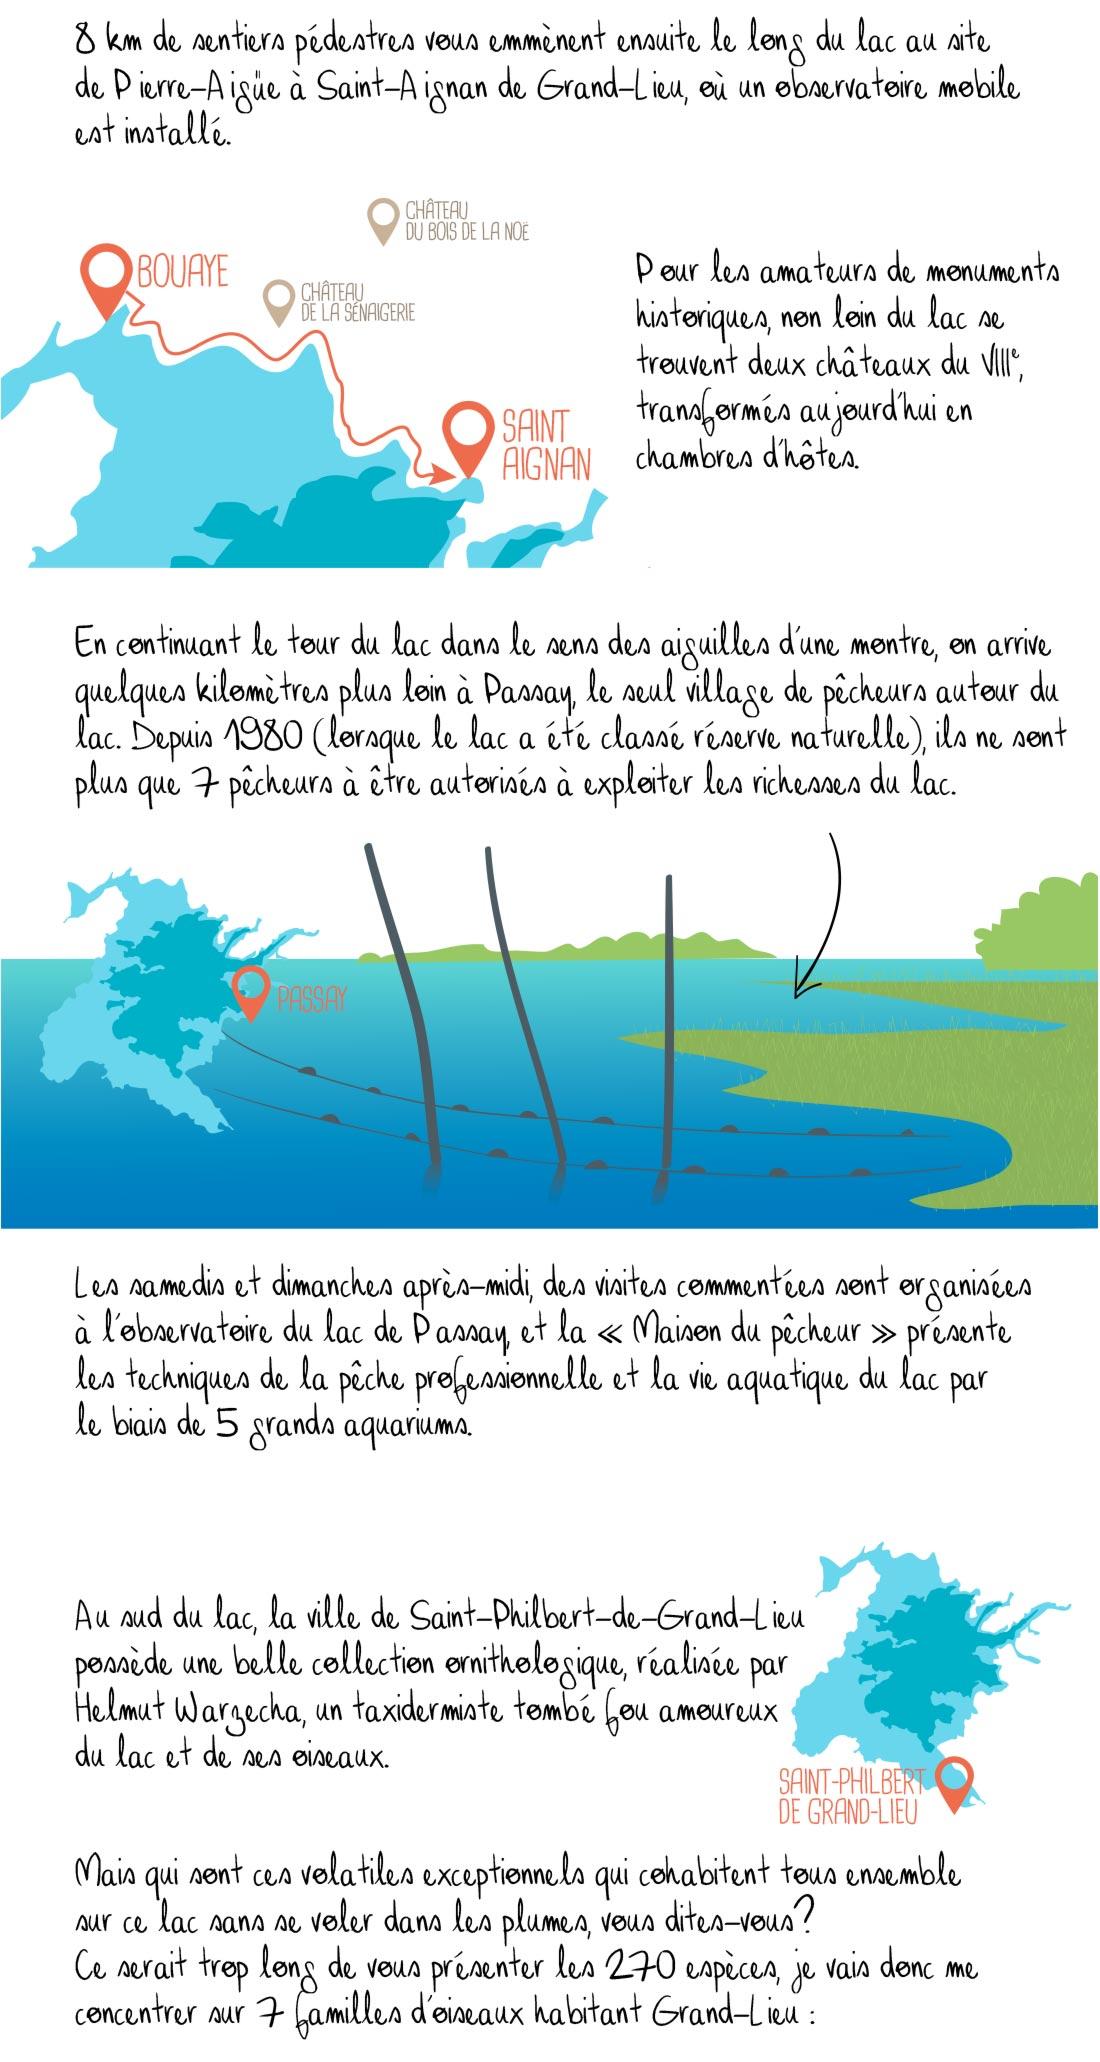 Histoire du lac de Grand-Lieu, Bouaye, partie 2